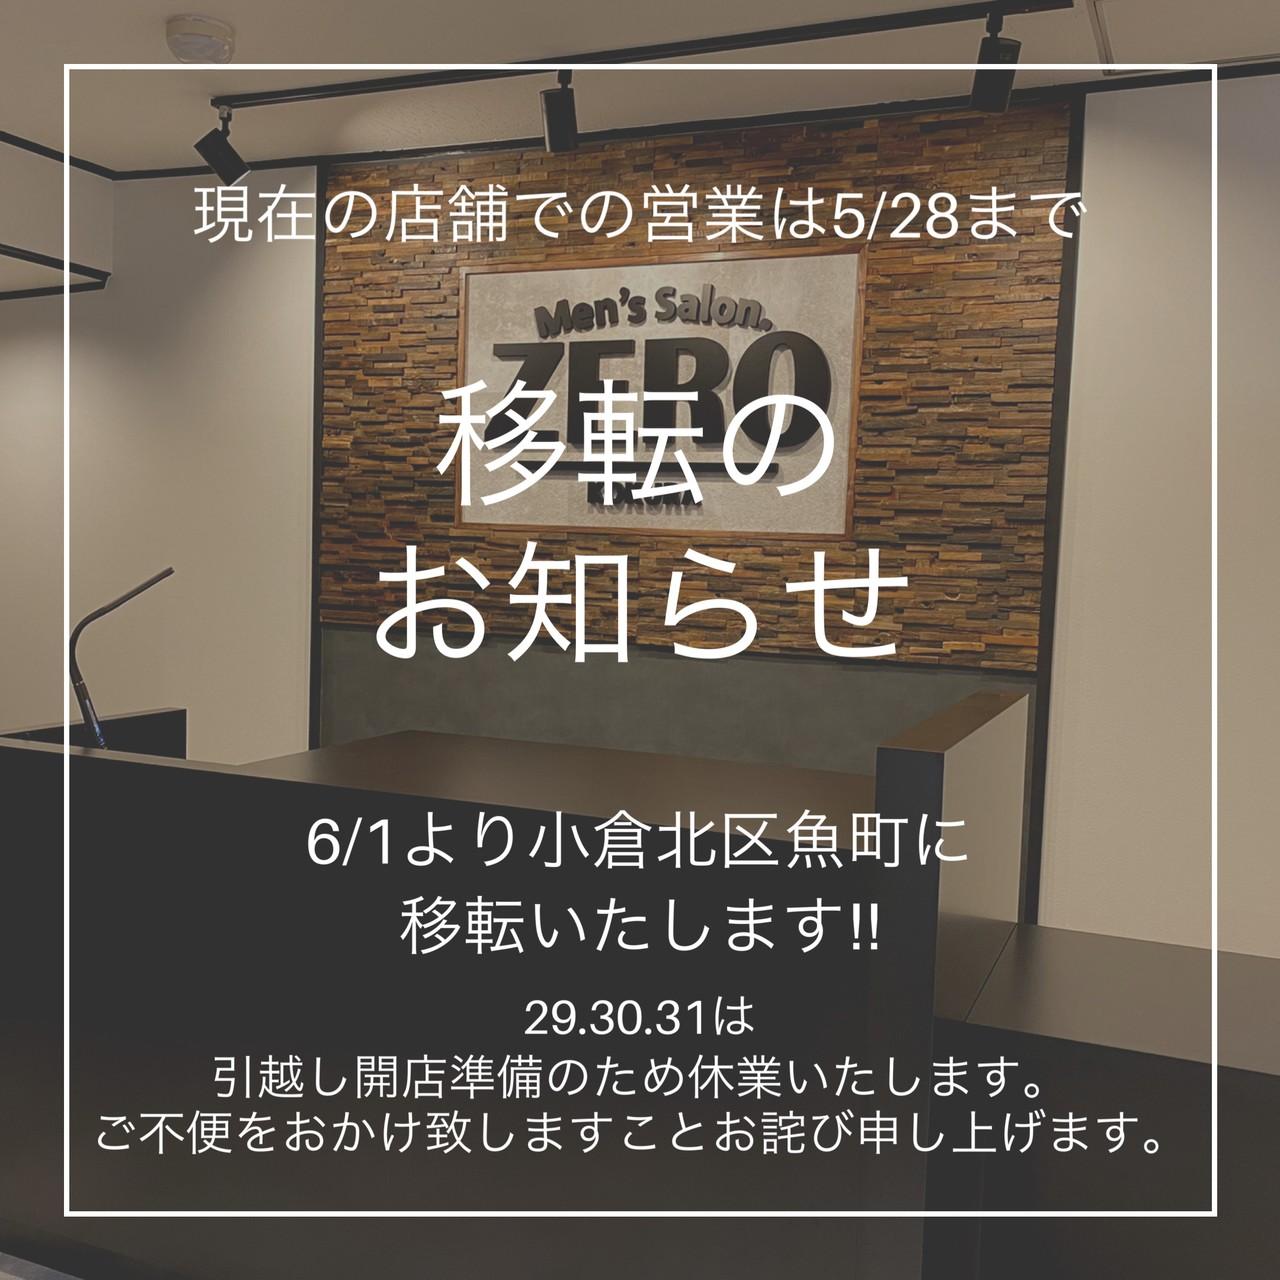 メンズ脱毛専門店のZERO小倉店 移転のお知らせ